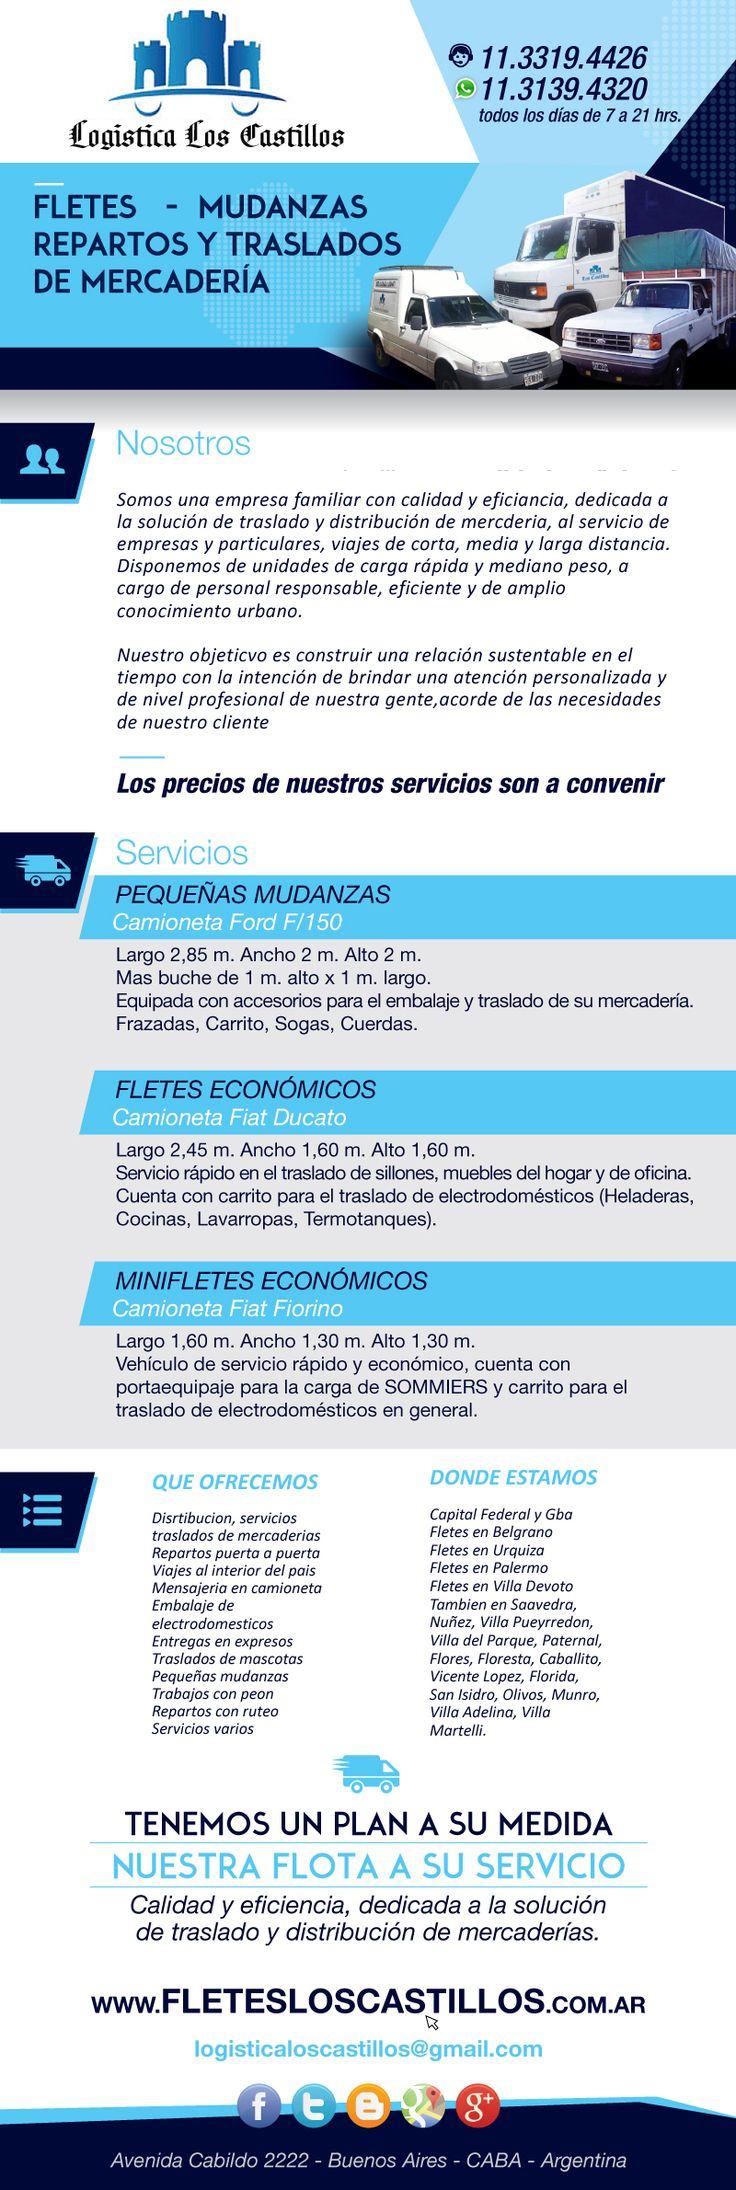 Fletes Palermo Urquiza Belgrano Nuñez Olivos Martinez Munro - Capital Federal - $ 99,00 en MercadoLibre